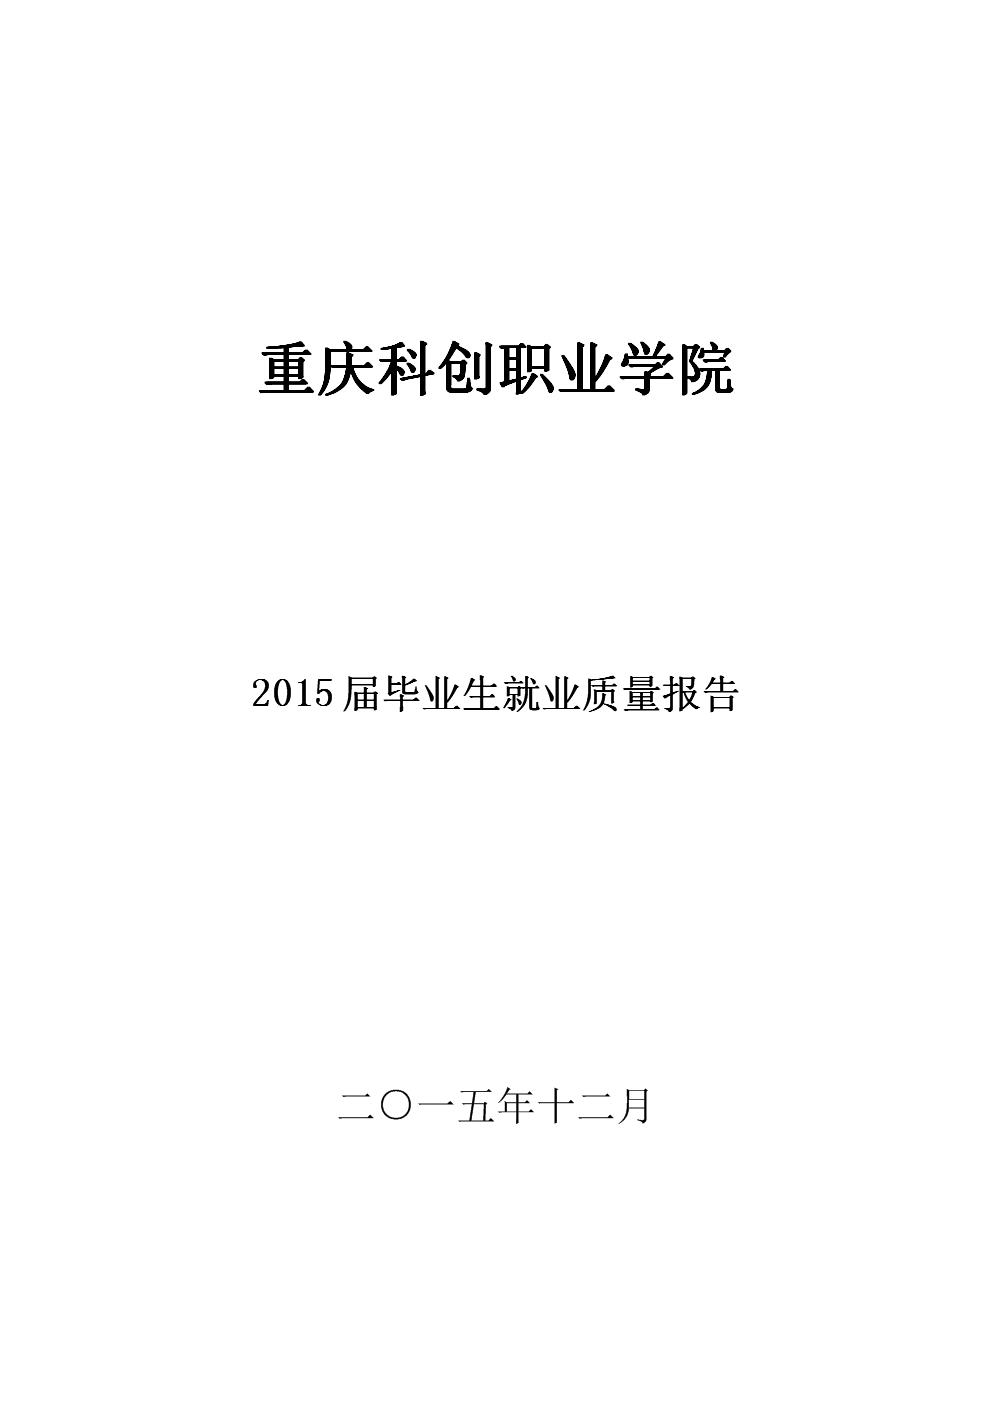 重庆科创职业学院2015届毕业生就业质量报告.doc